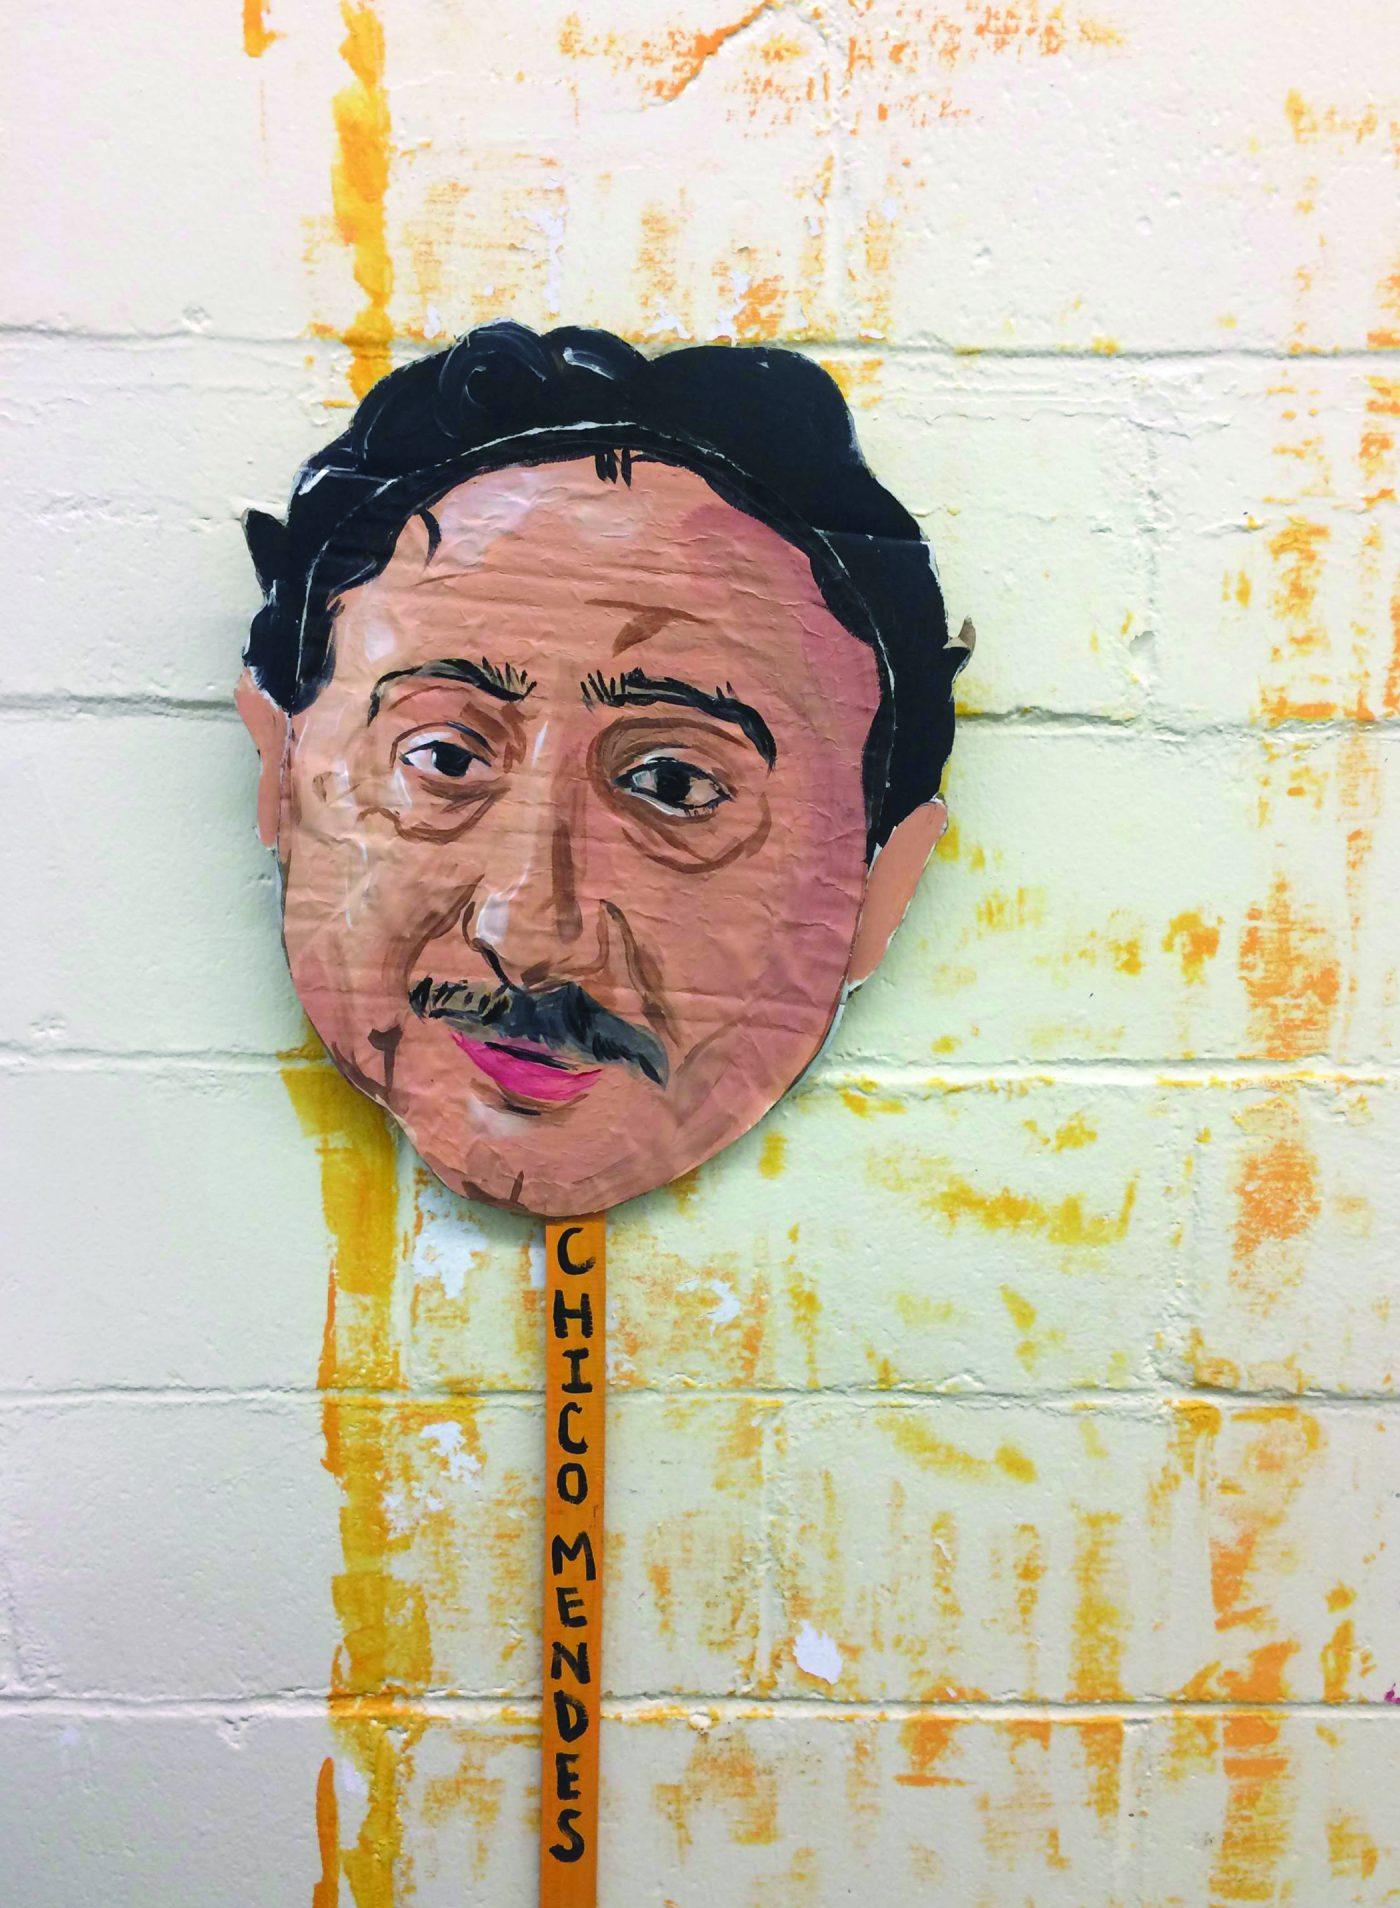 Cardboard rendering of Chico Mendes